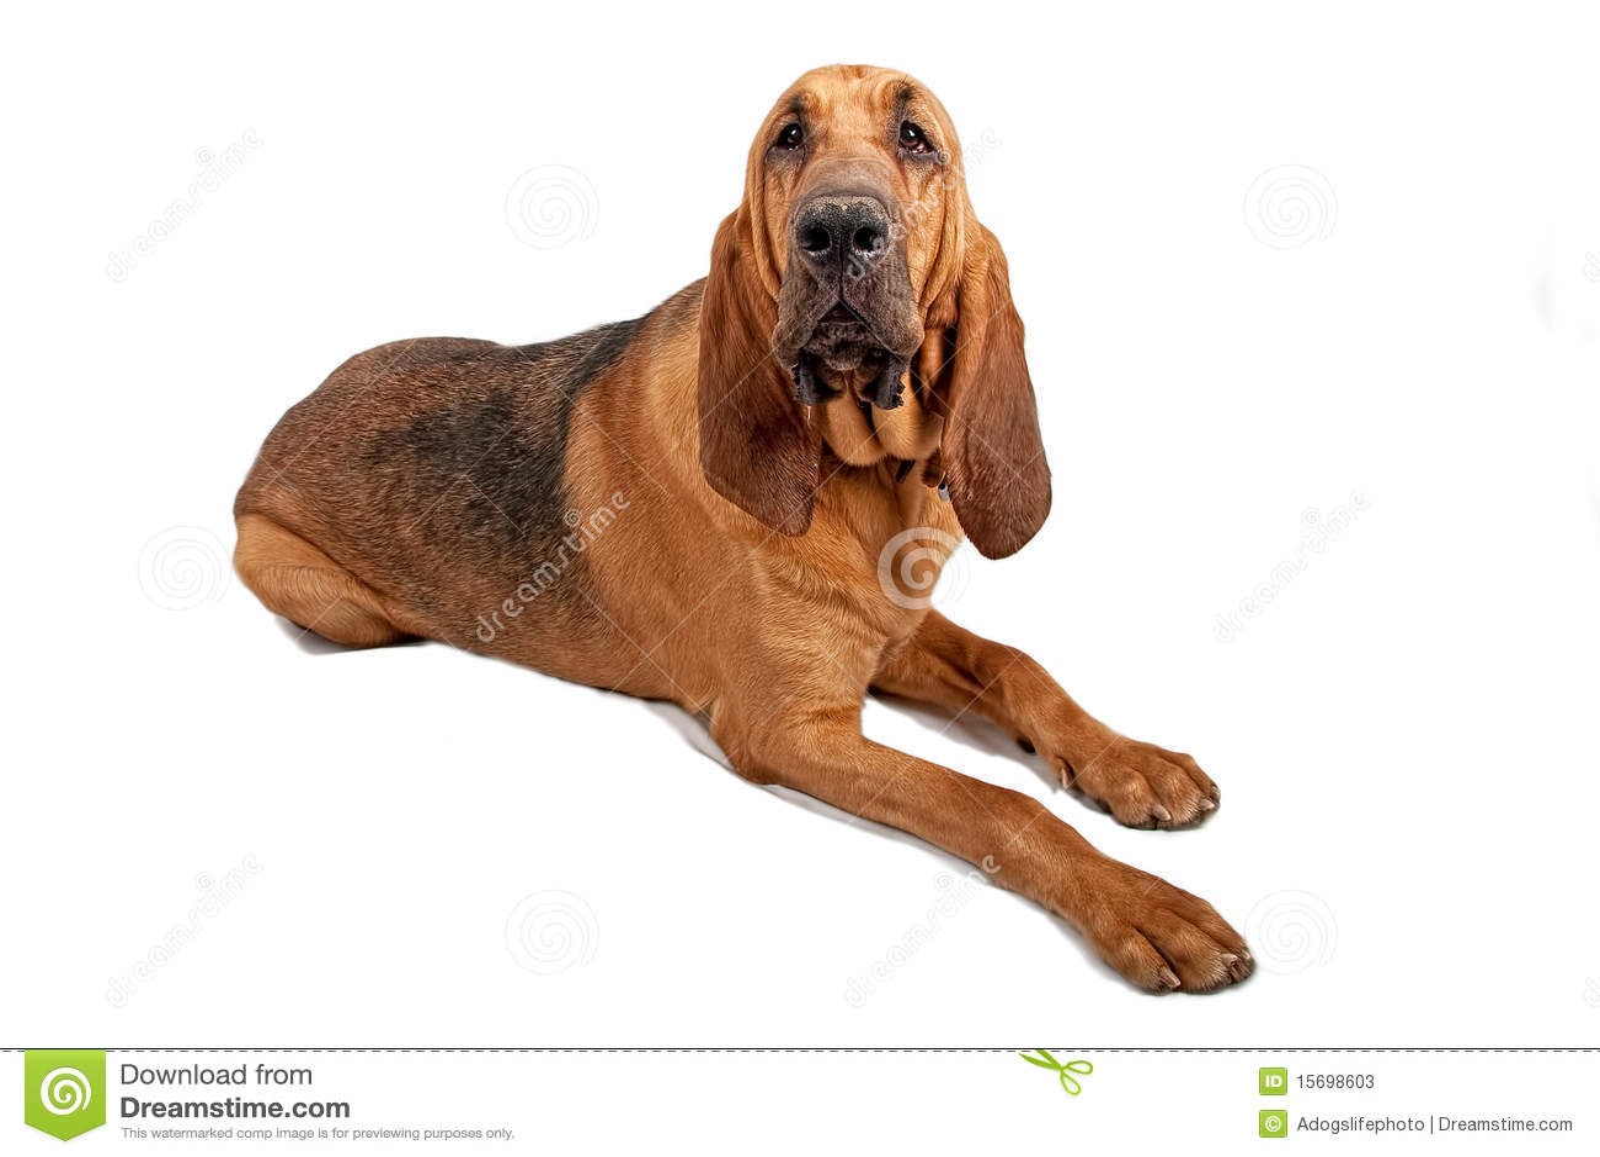 Bloodhound Dog Isolated on White